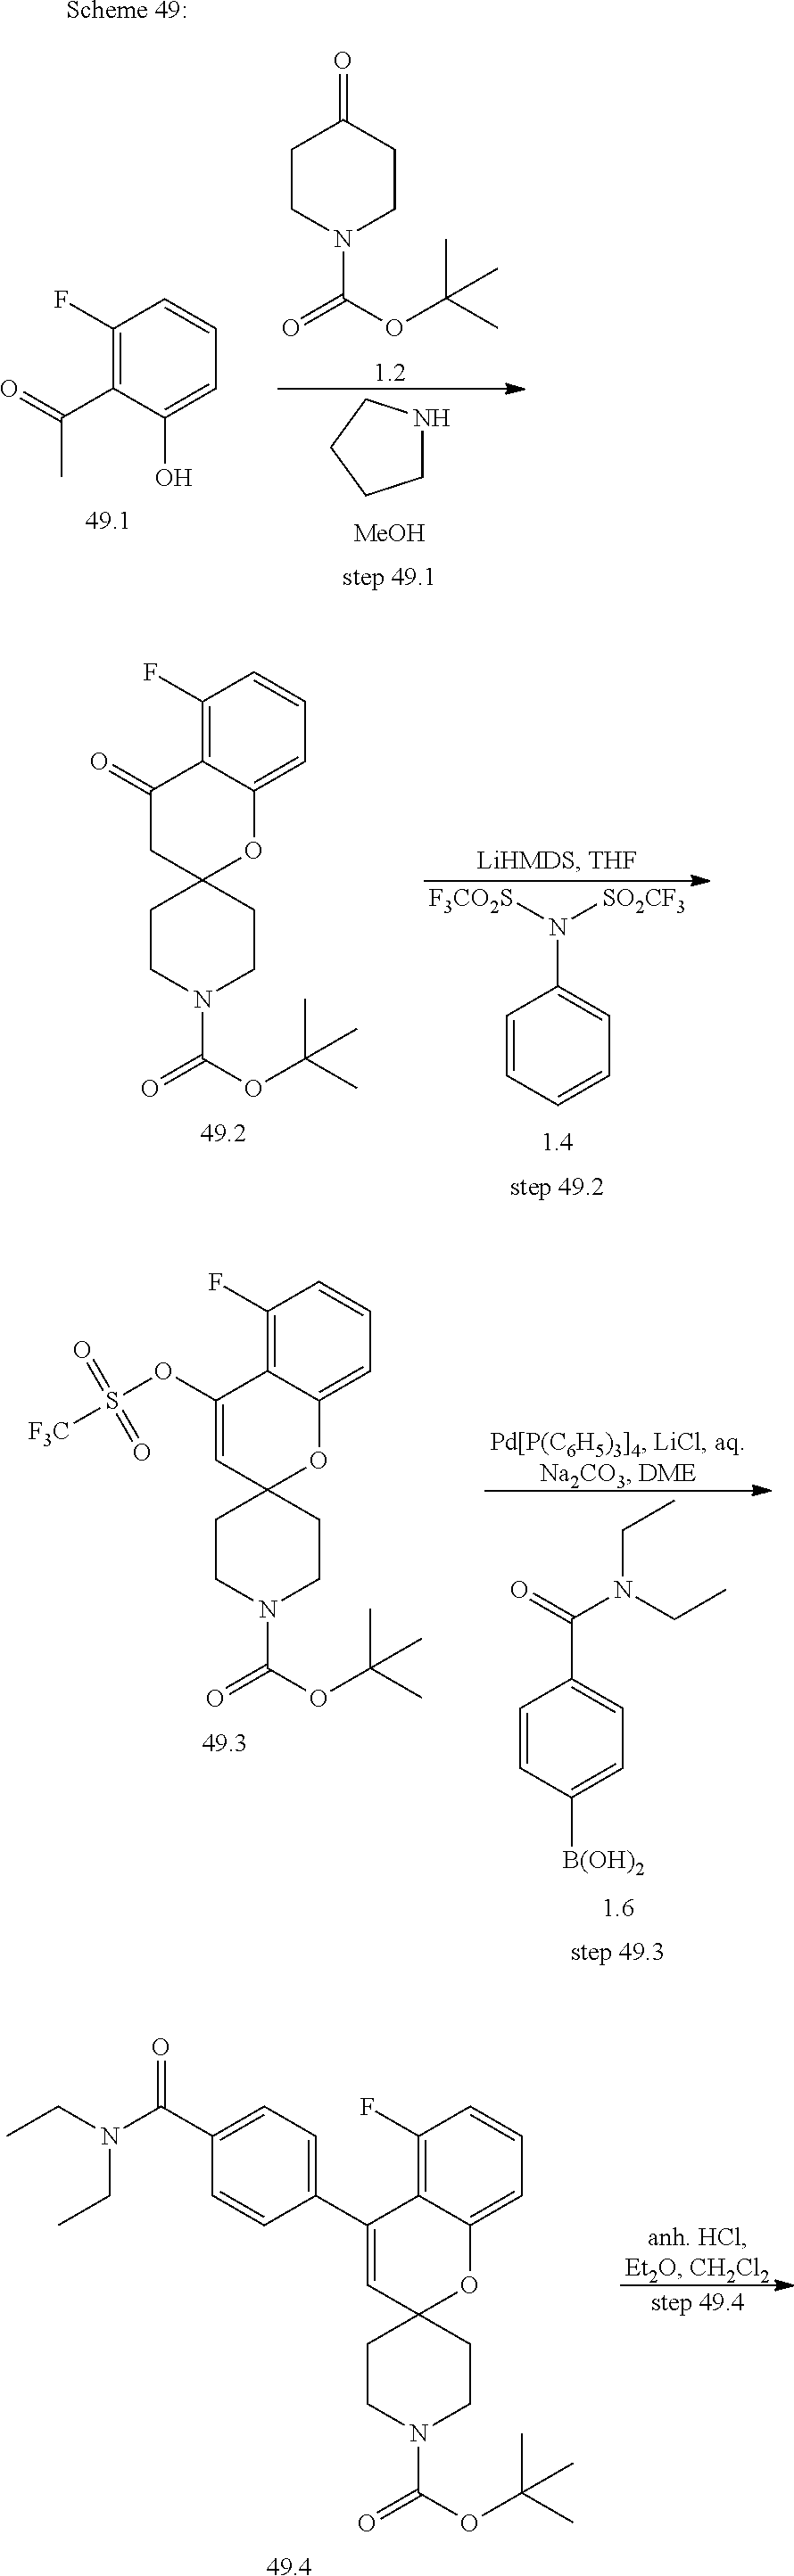 Figure US20100029614A1-20100204-C00239